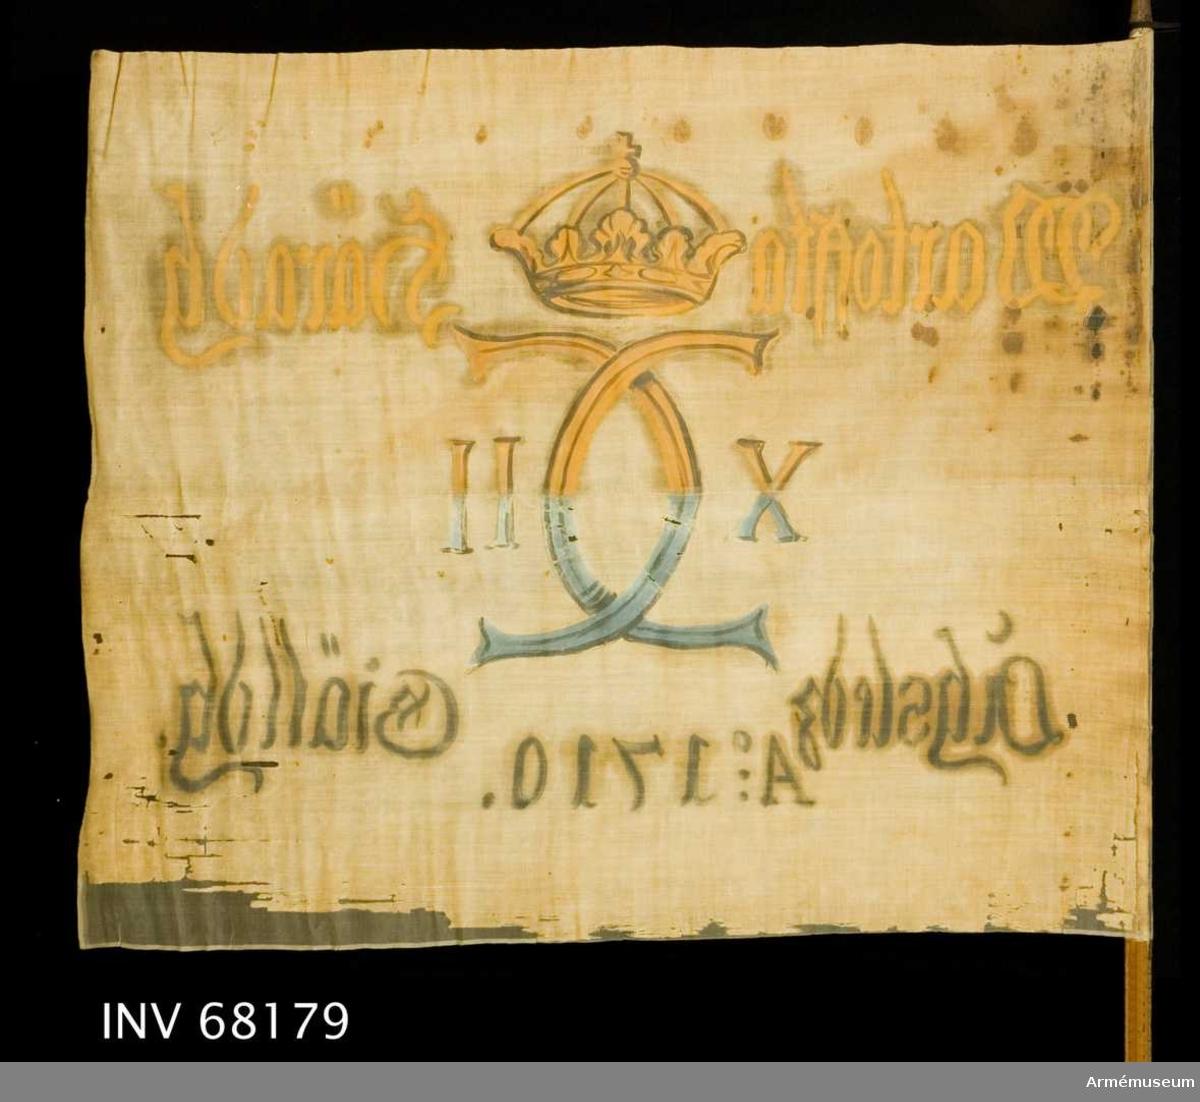 Uppbådsfana för Åsle socken i Vartofta härad.  Duk: Tillverkad av enkel vit linnelärft. Två våder horisontellt sammankastade. Kastfållen på dukens insida. Vertikala ytterfållen lagd åt dukens insida. Fäst med järnnagel på en läderremsa.  Dekor: Målad, endast på dukens insida, dock är namnchiffret och kronan ifyllt på dukens utsida. I mitten Carl XII:s namnchiffer krönt med sluten krona, dubbelt C på ömse sidor om detta X-II. På övre våden i gult och brunt, på den nedre i blått och svart.   Text på ömse sidor om chiffret, upptill i gul och nedtill i svart. Under chiffret text i svart.  Stång: Tillverkad av trä. Åttkantig. Avtagen. Metallcylinder påsatt. Järnskenor.